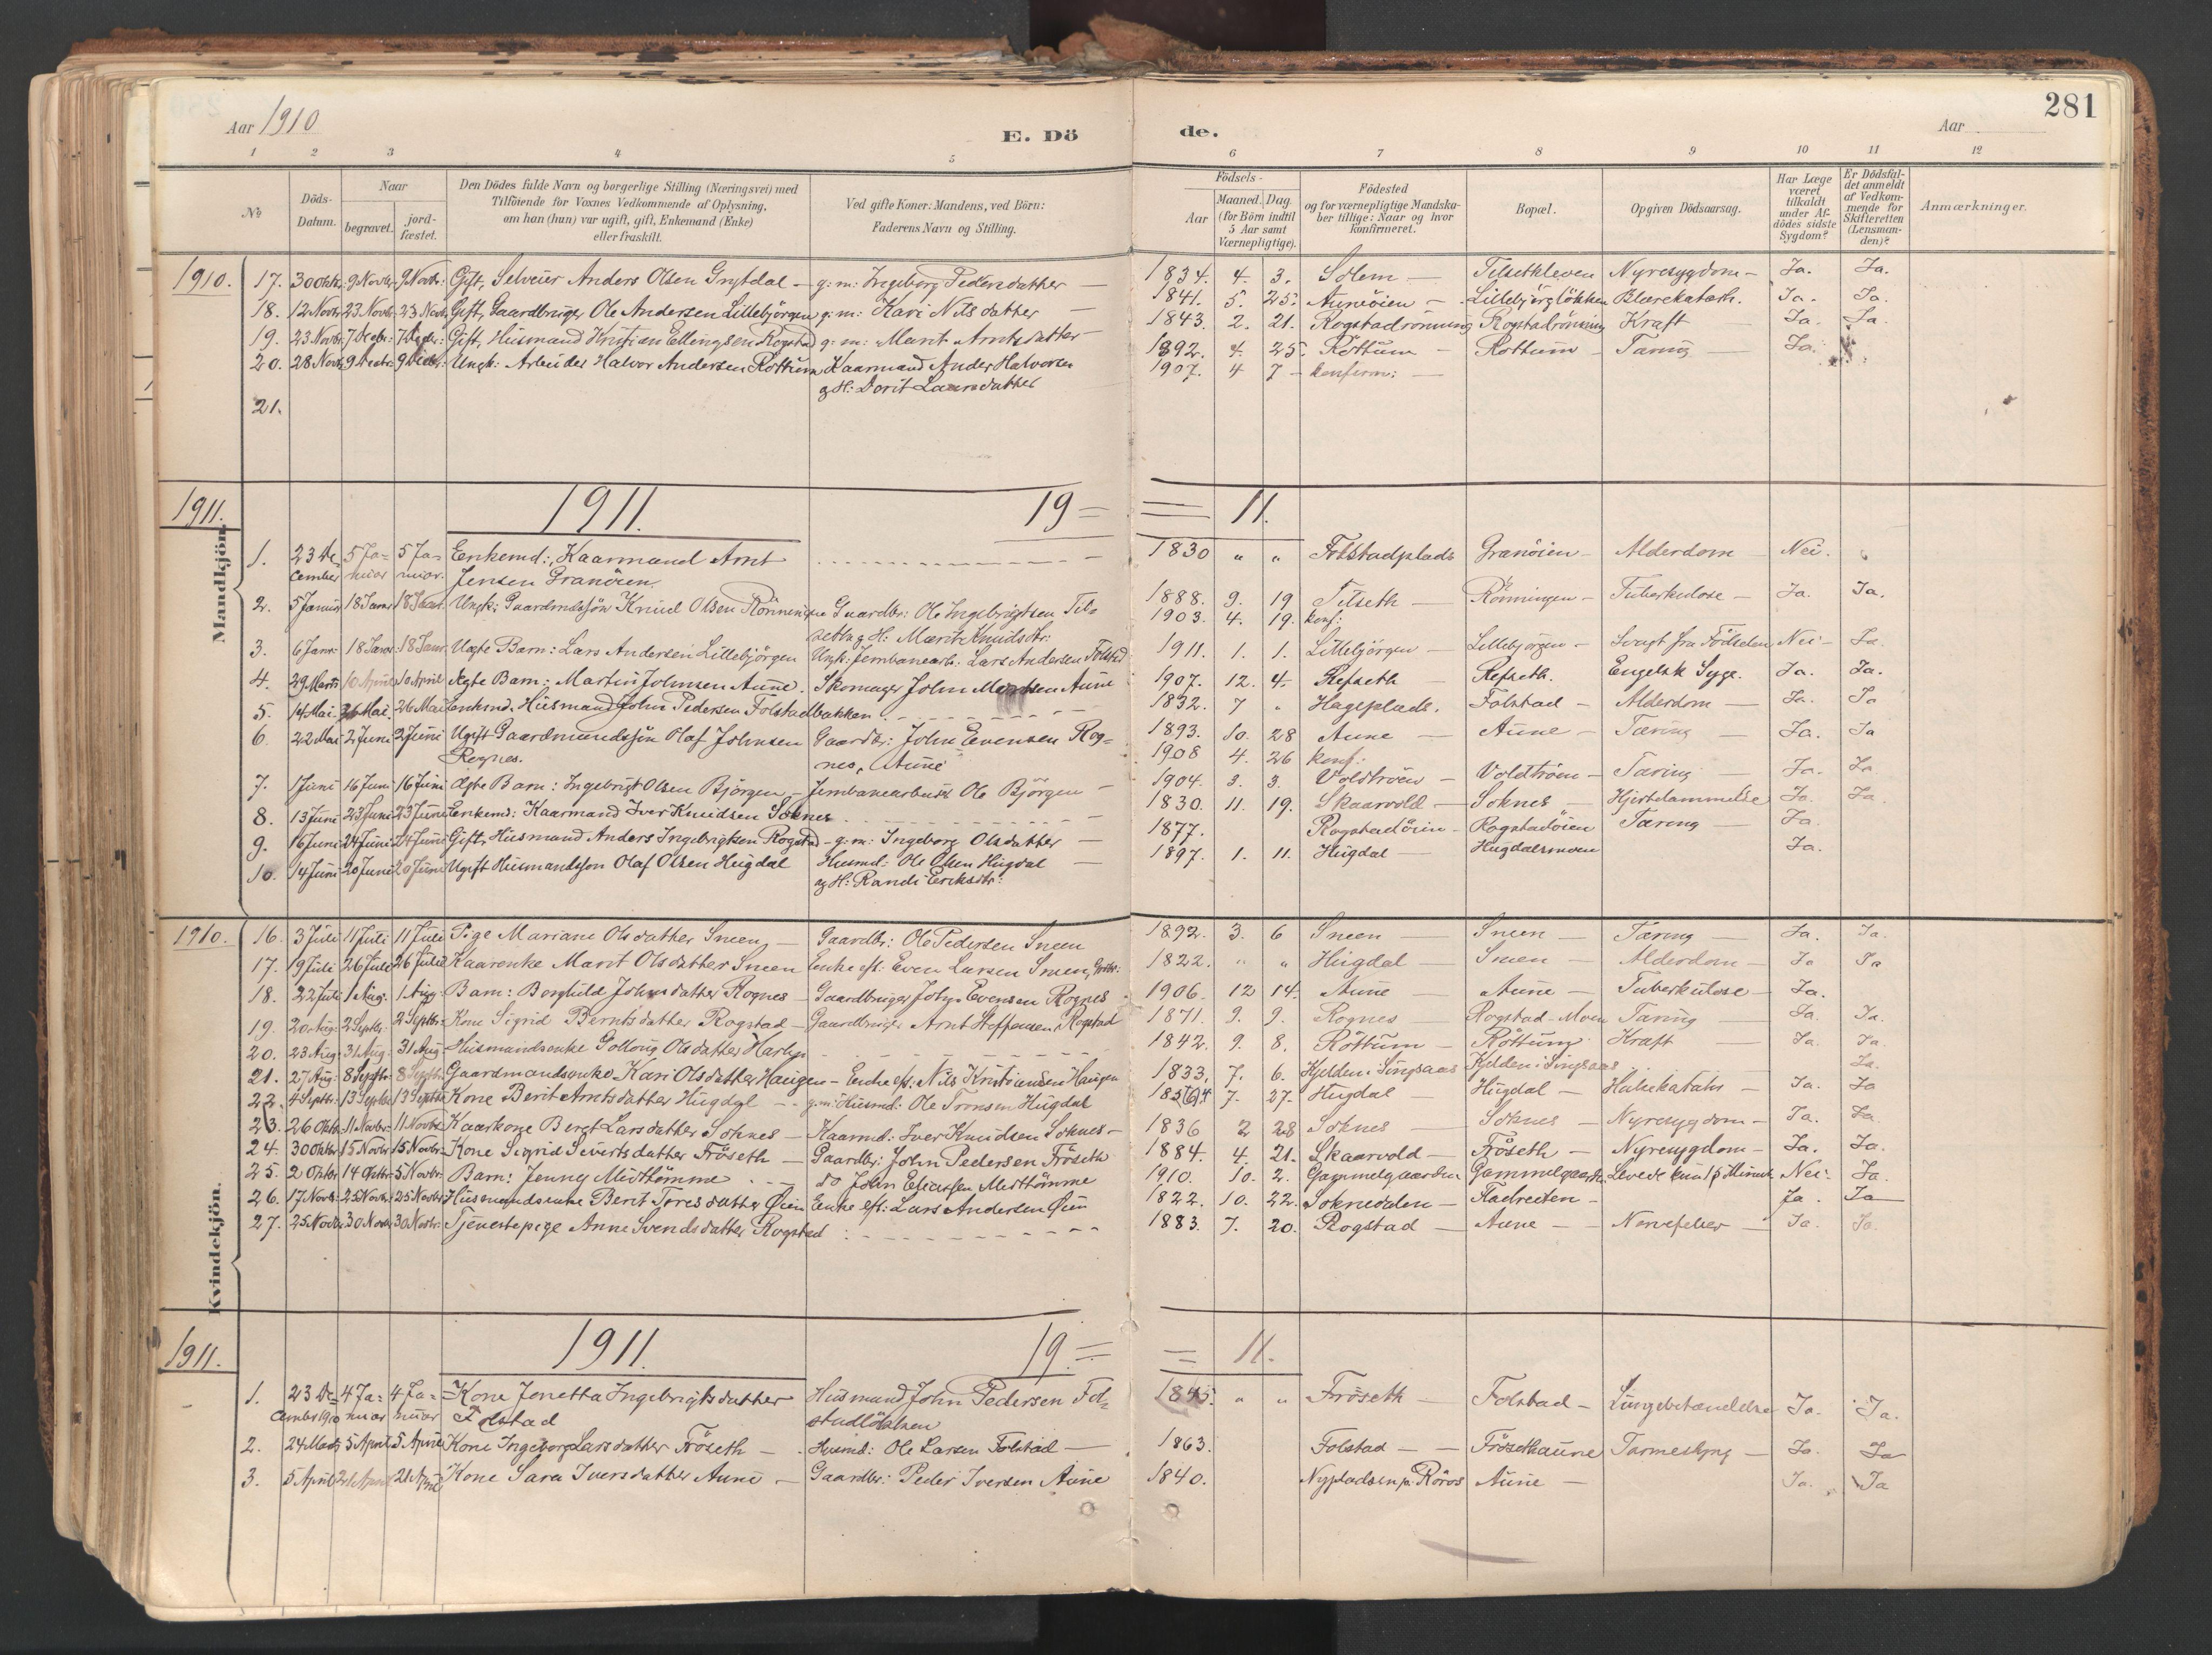 SAT, Ministerialprotokoller, klokkerbøker og fødselsregistre - Sør-Trøndelag, 687/L1004: Ministerialbok nr. 687A10, 1891-1923, s. 281